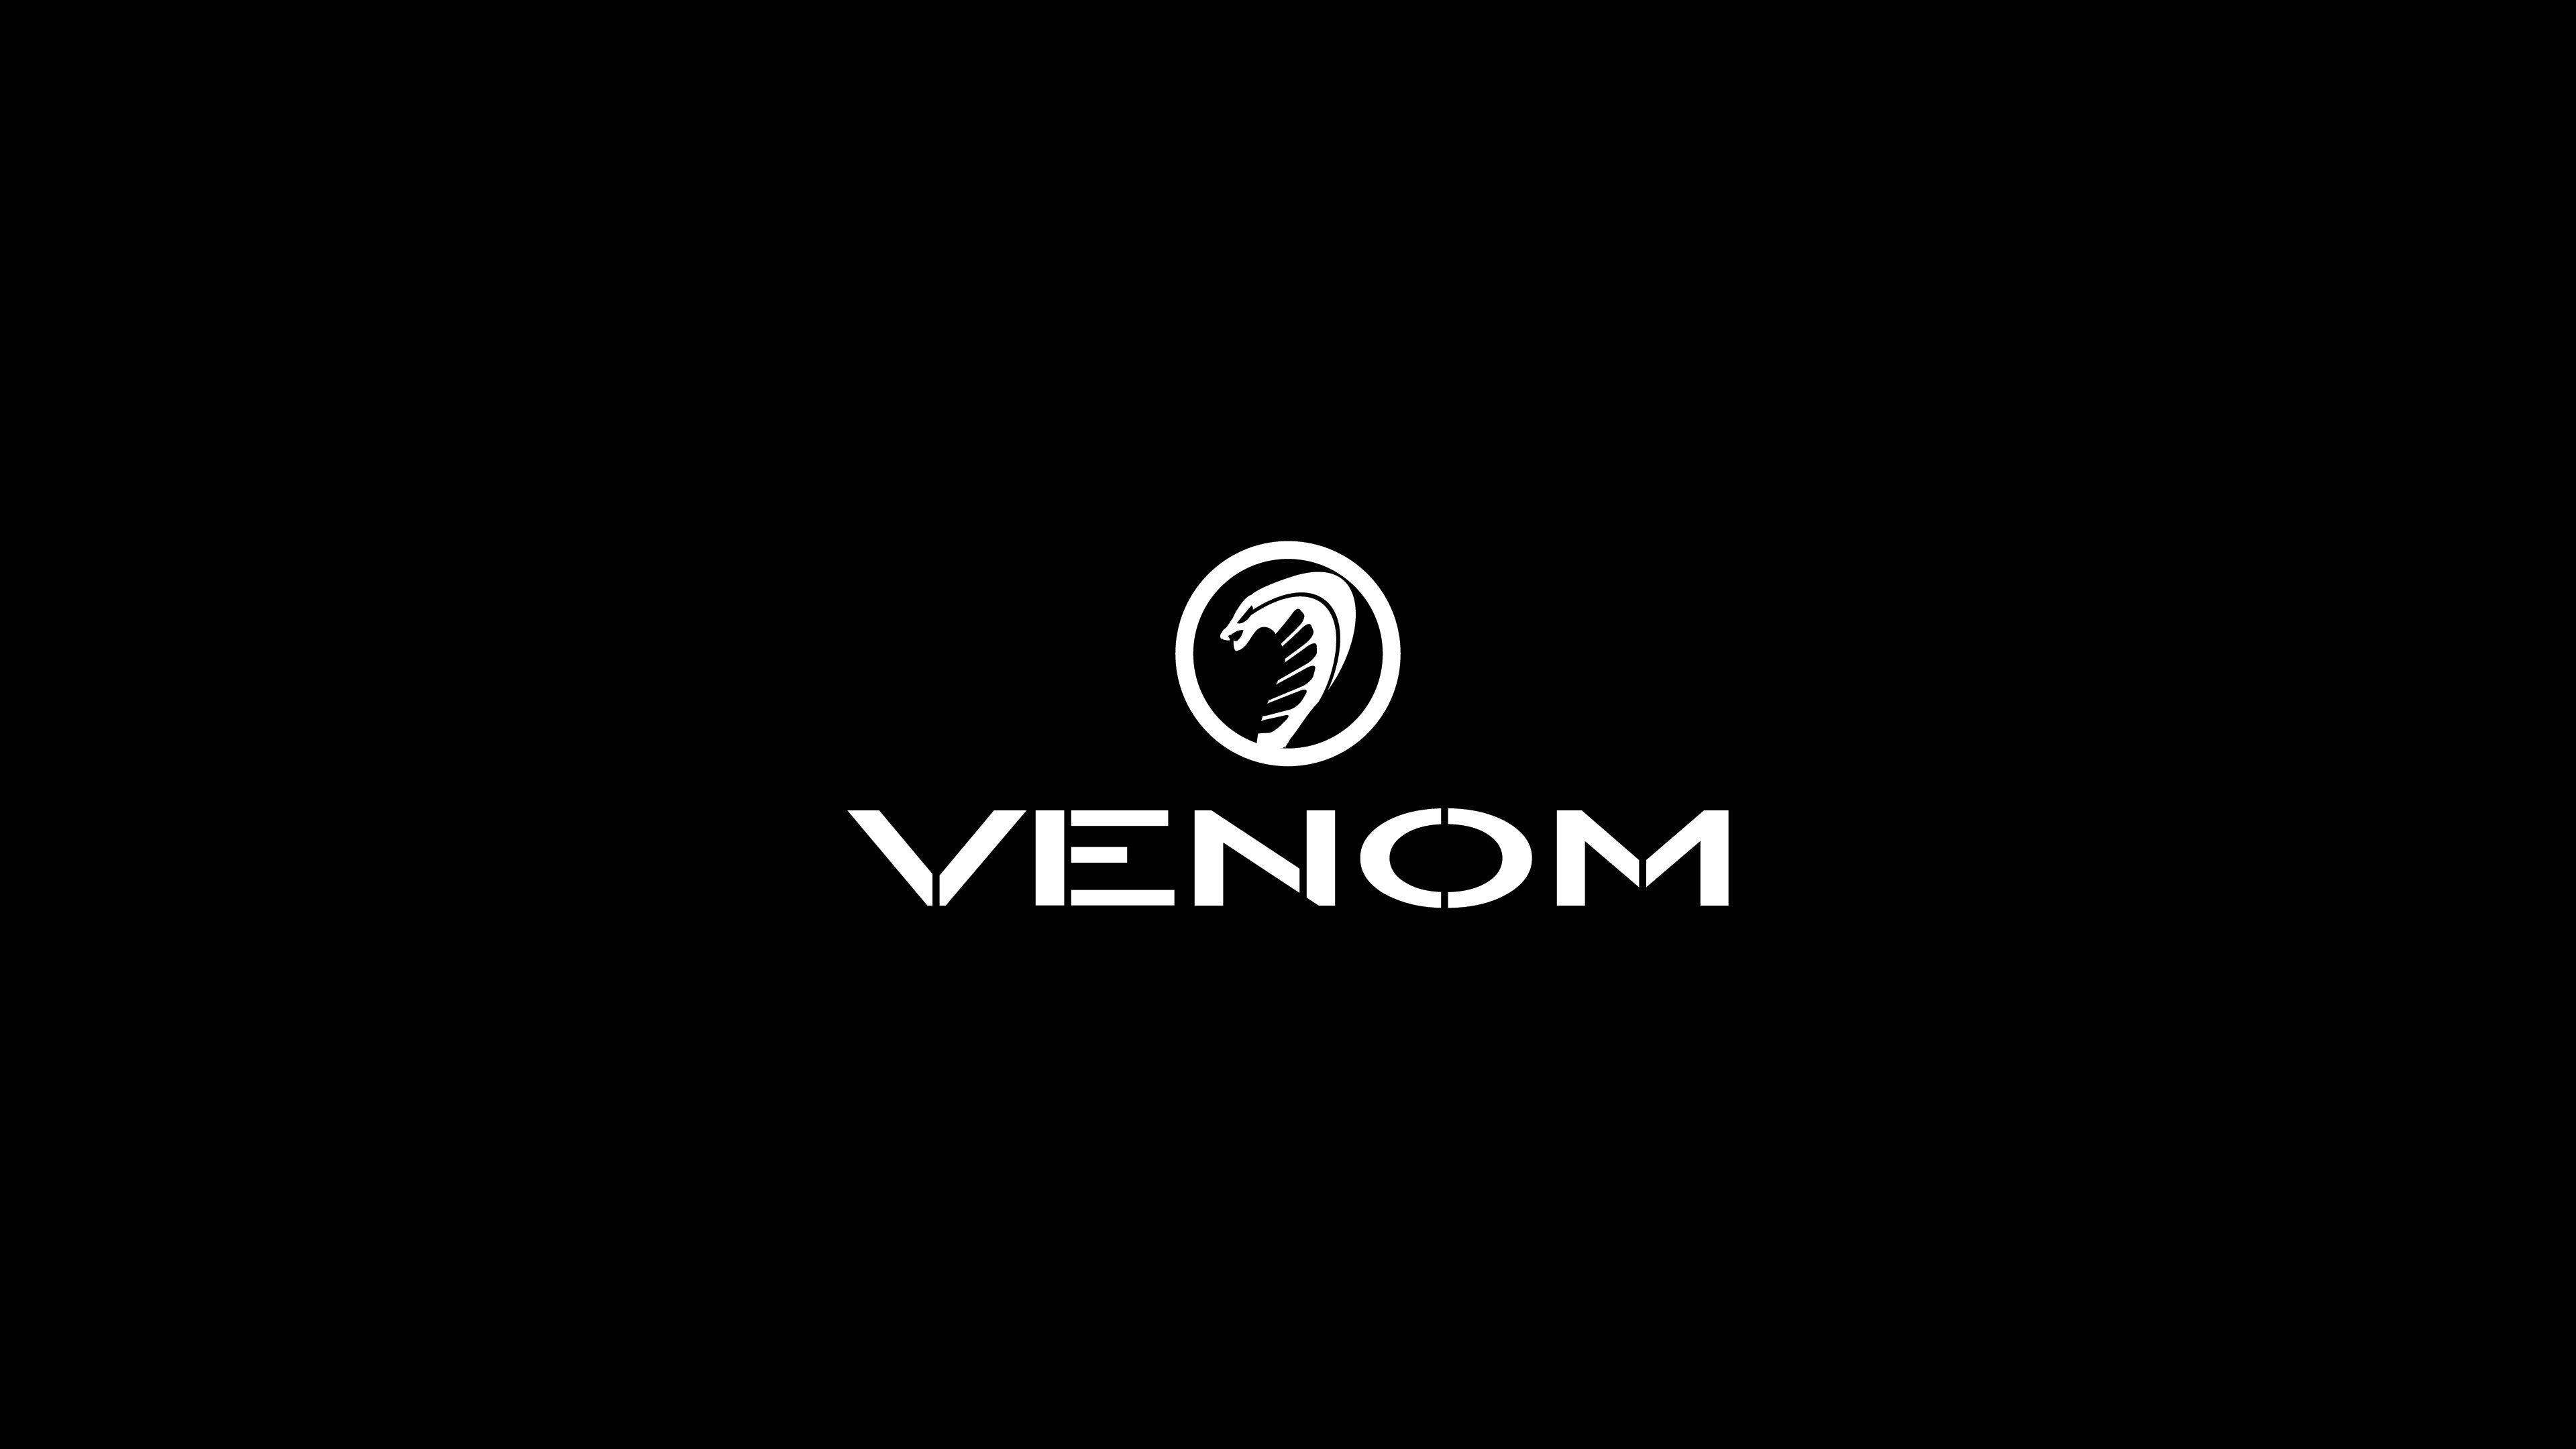 venom symbol wallpapers wallpaper cave